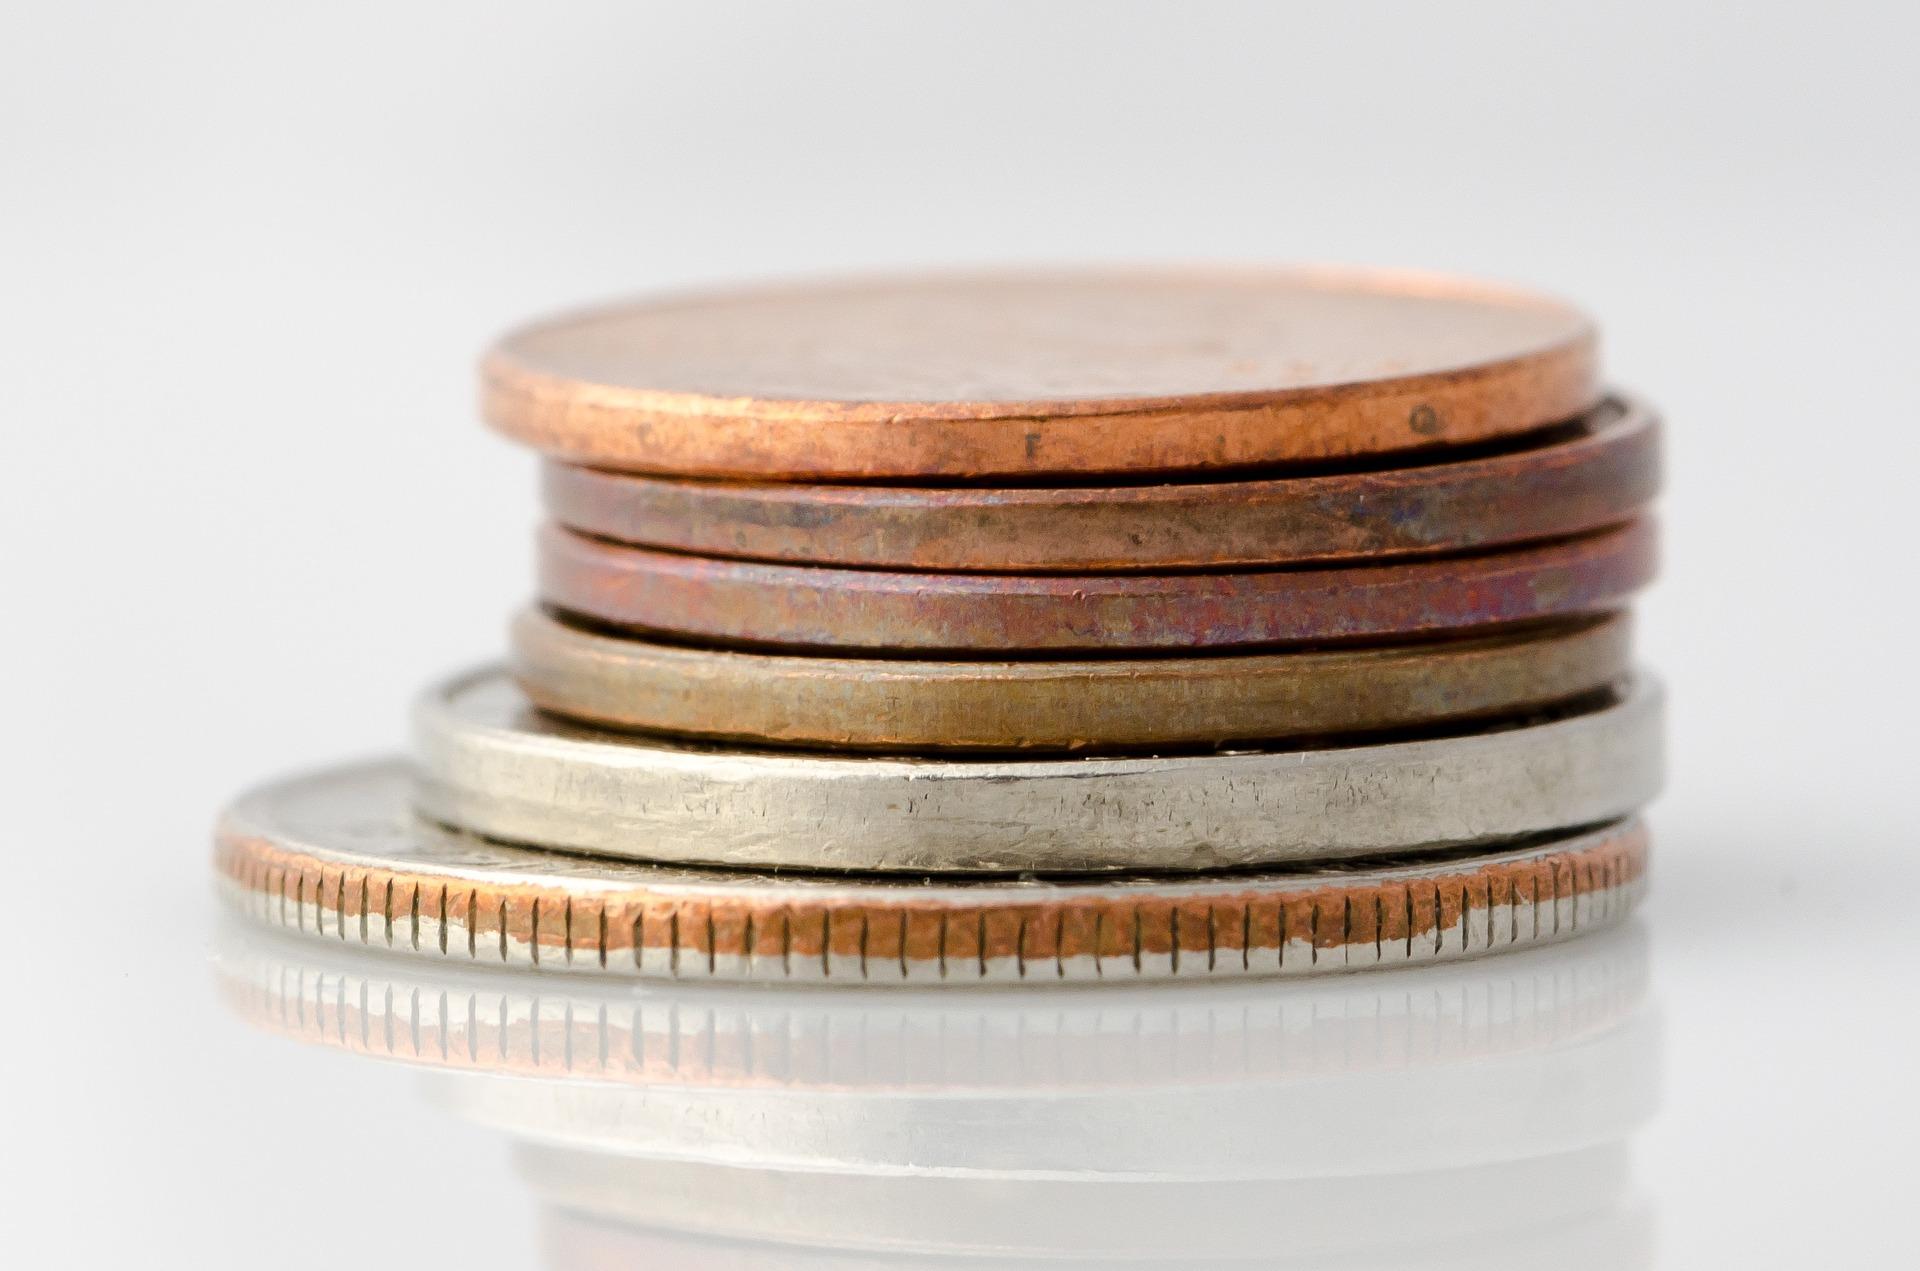 coins-952540_1920.jpg